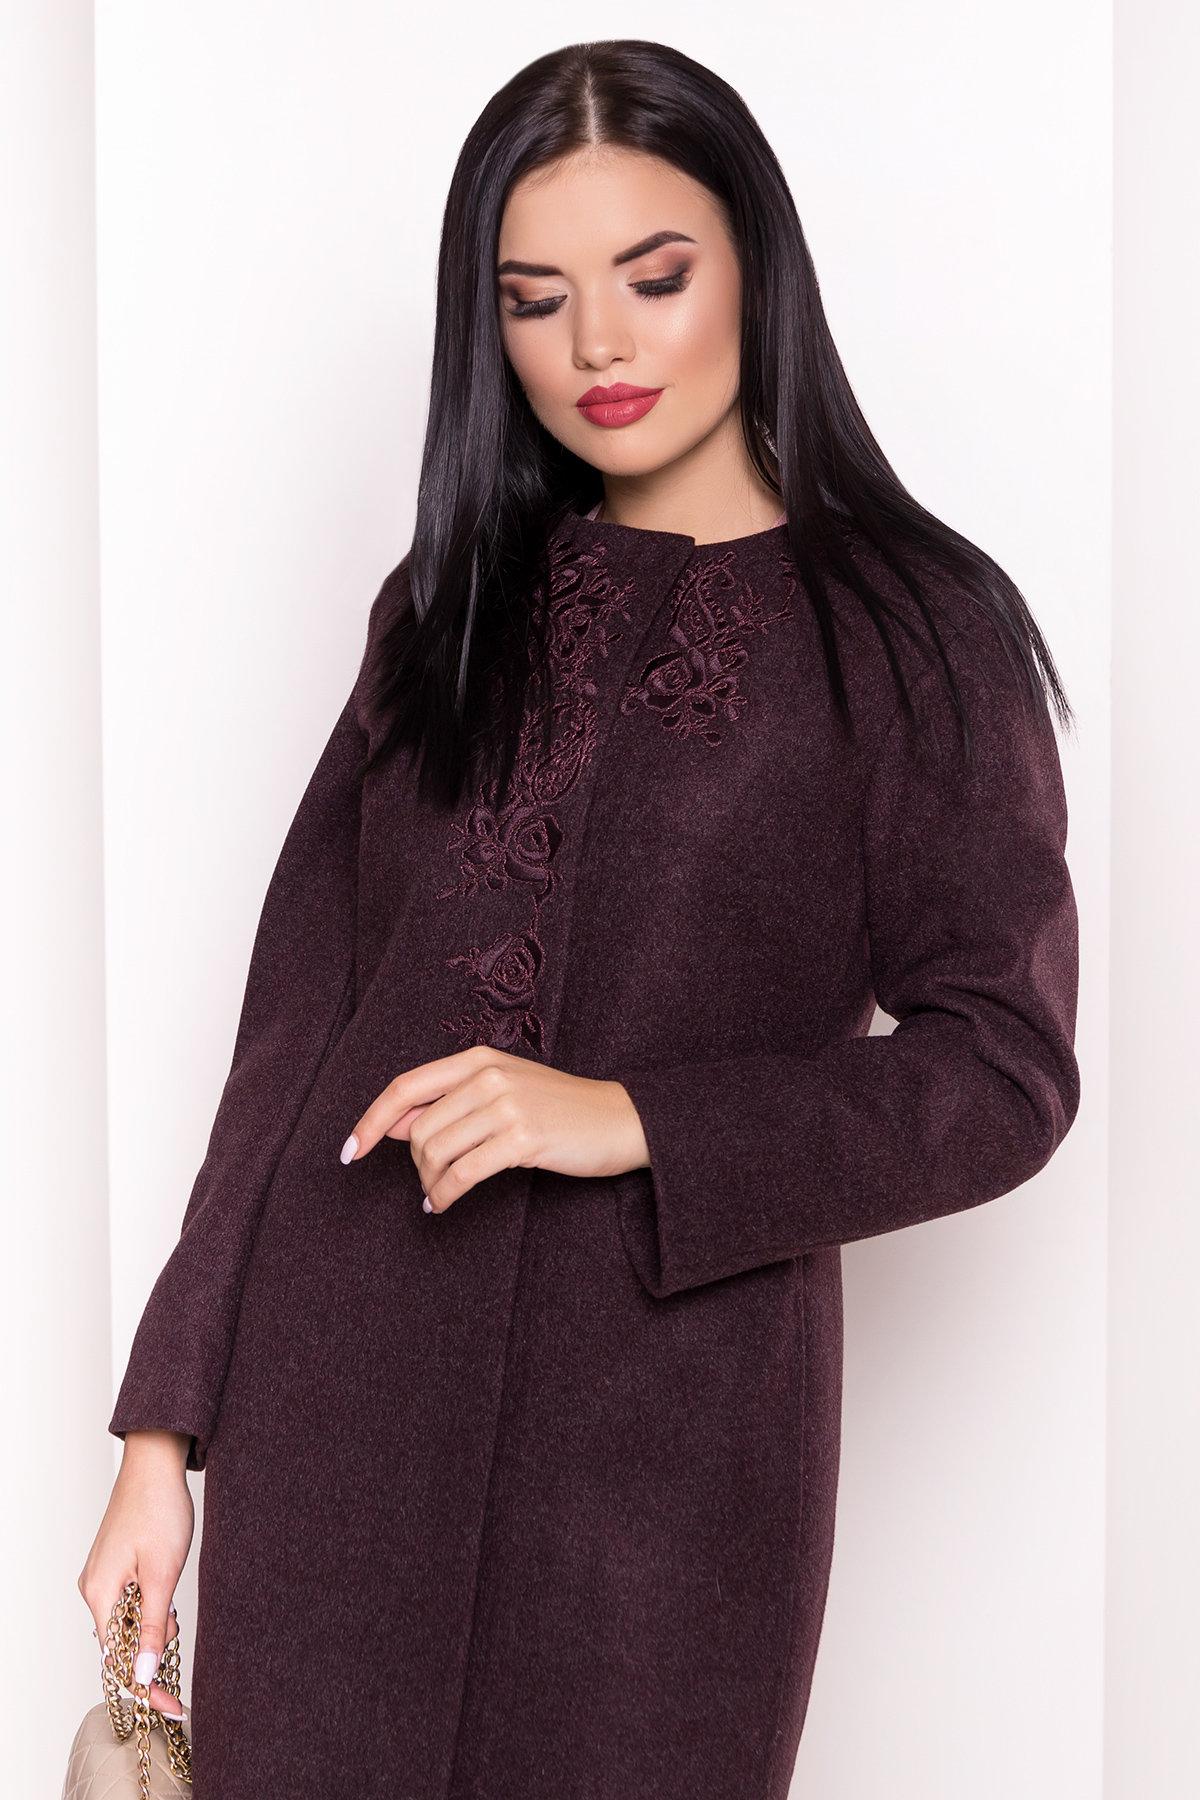 Пальто Авелони 4555 АРТ. 36676 Цвет: Марсала - фото 4, интернет магазин tm-modus.ru